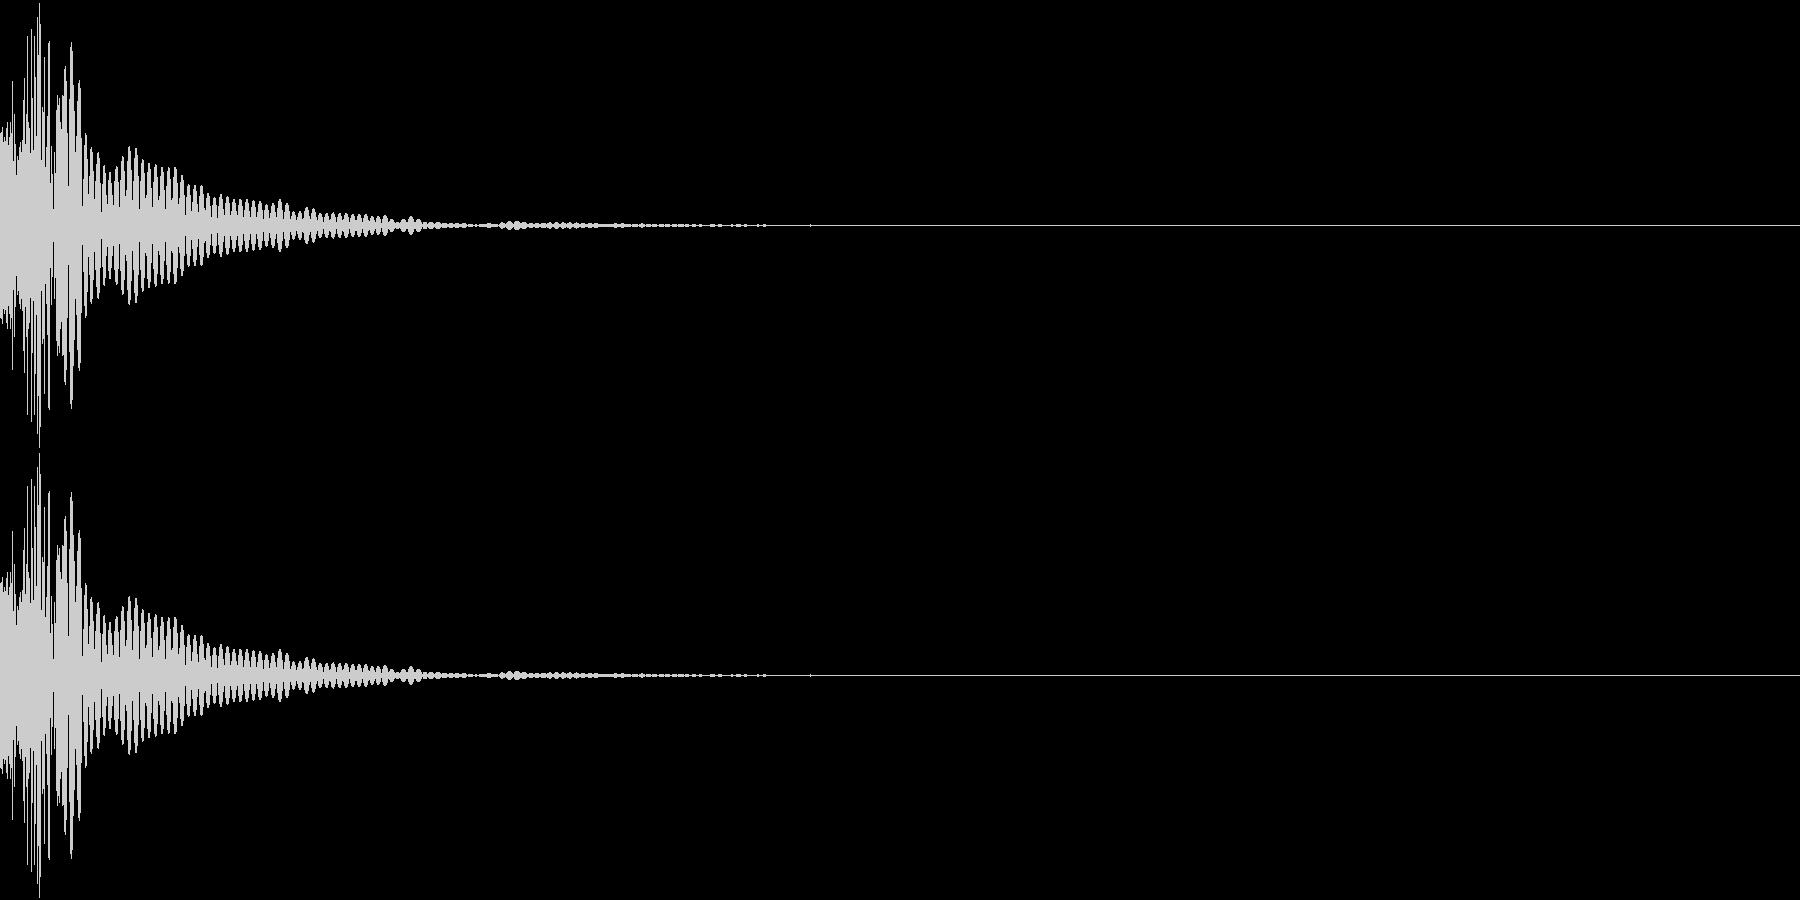 Cap フタ・栓を開ける音 8の未再生の波形